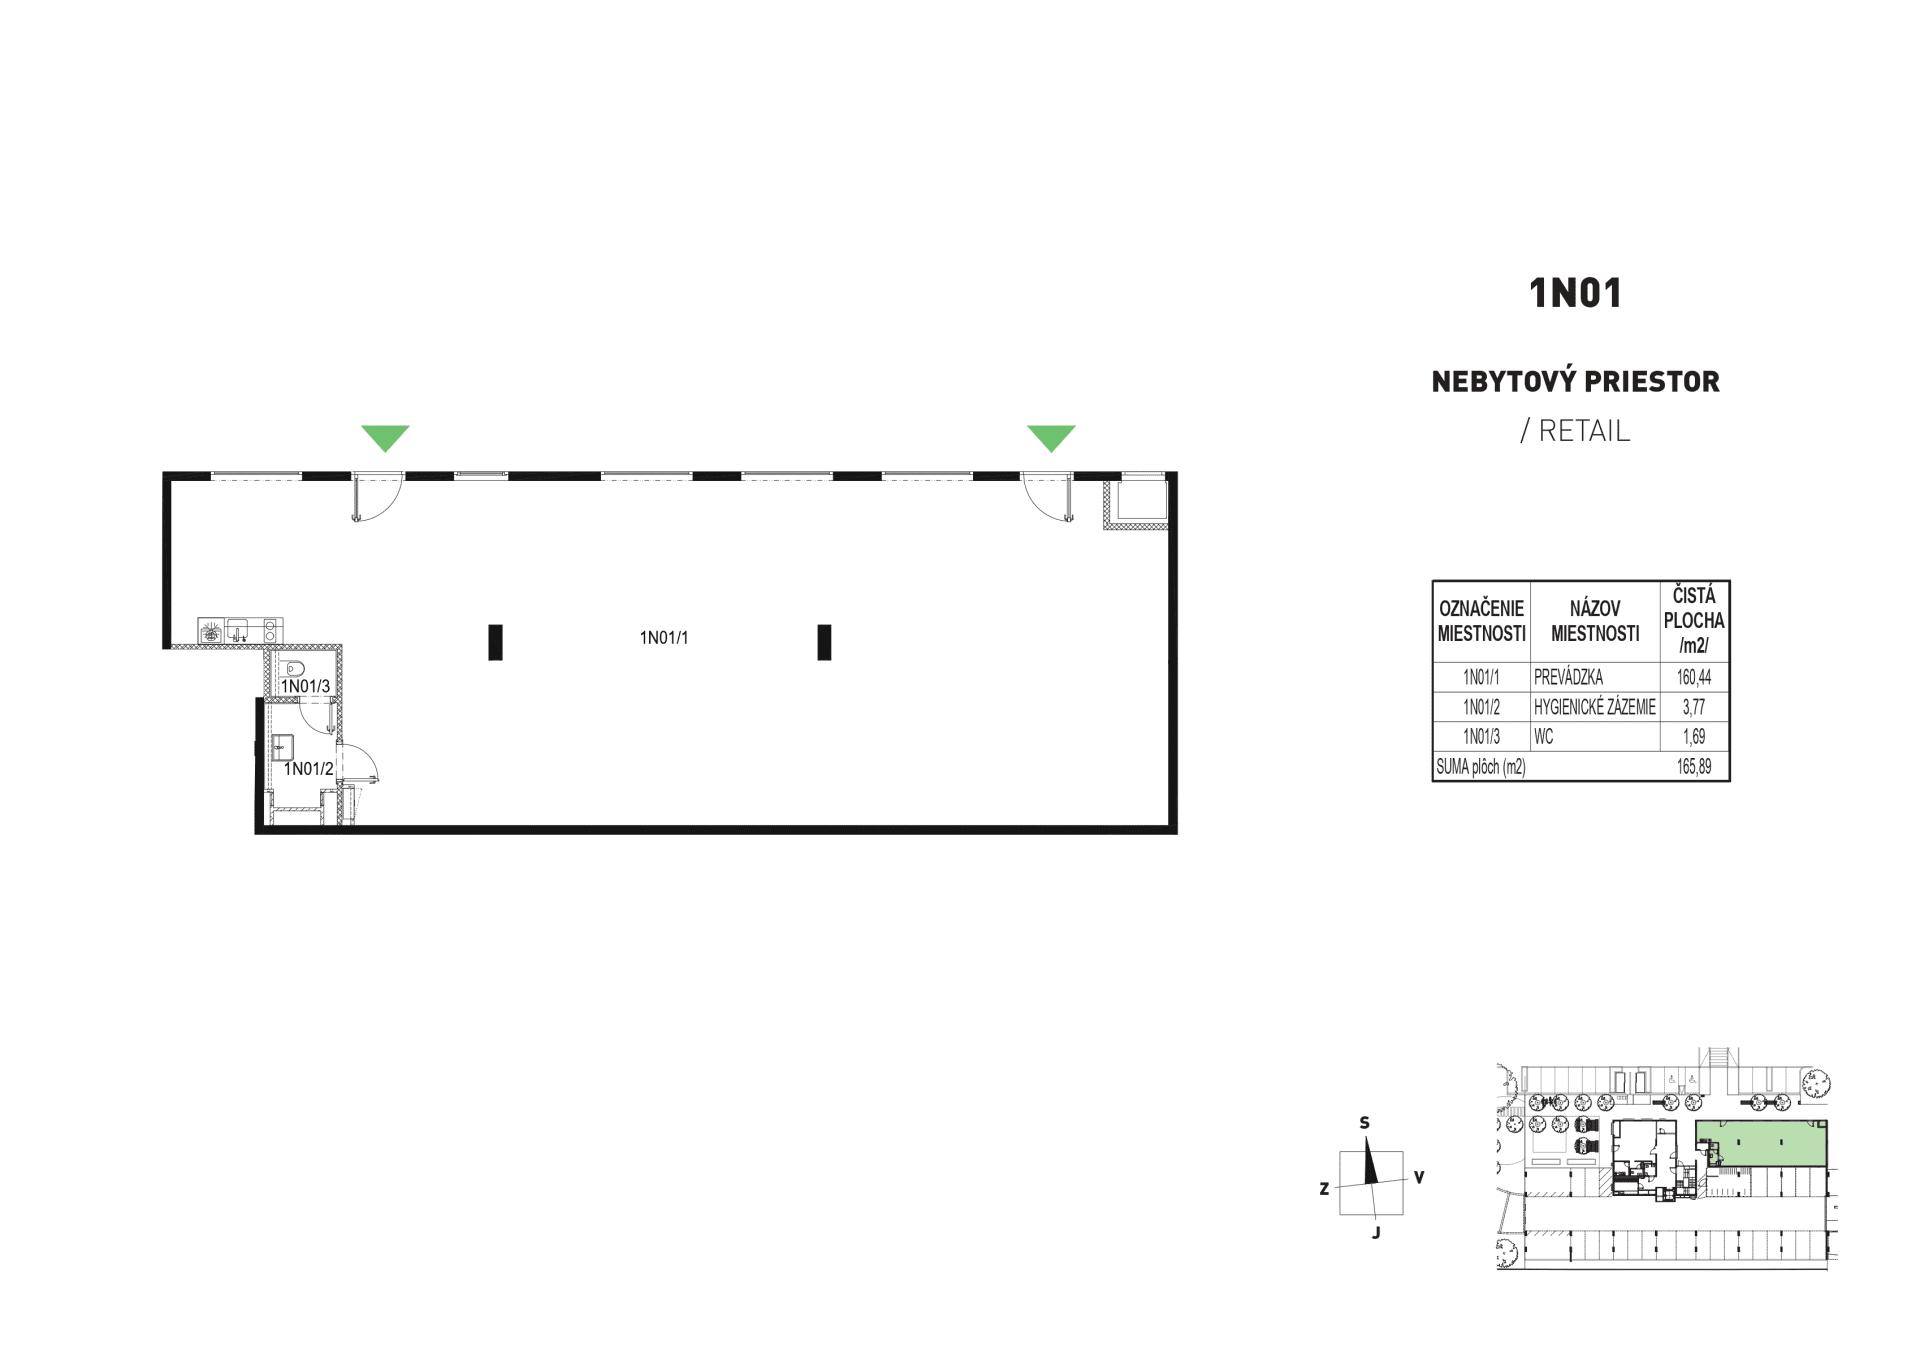 L1N01